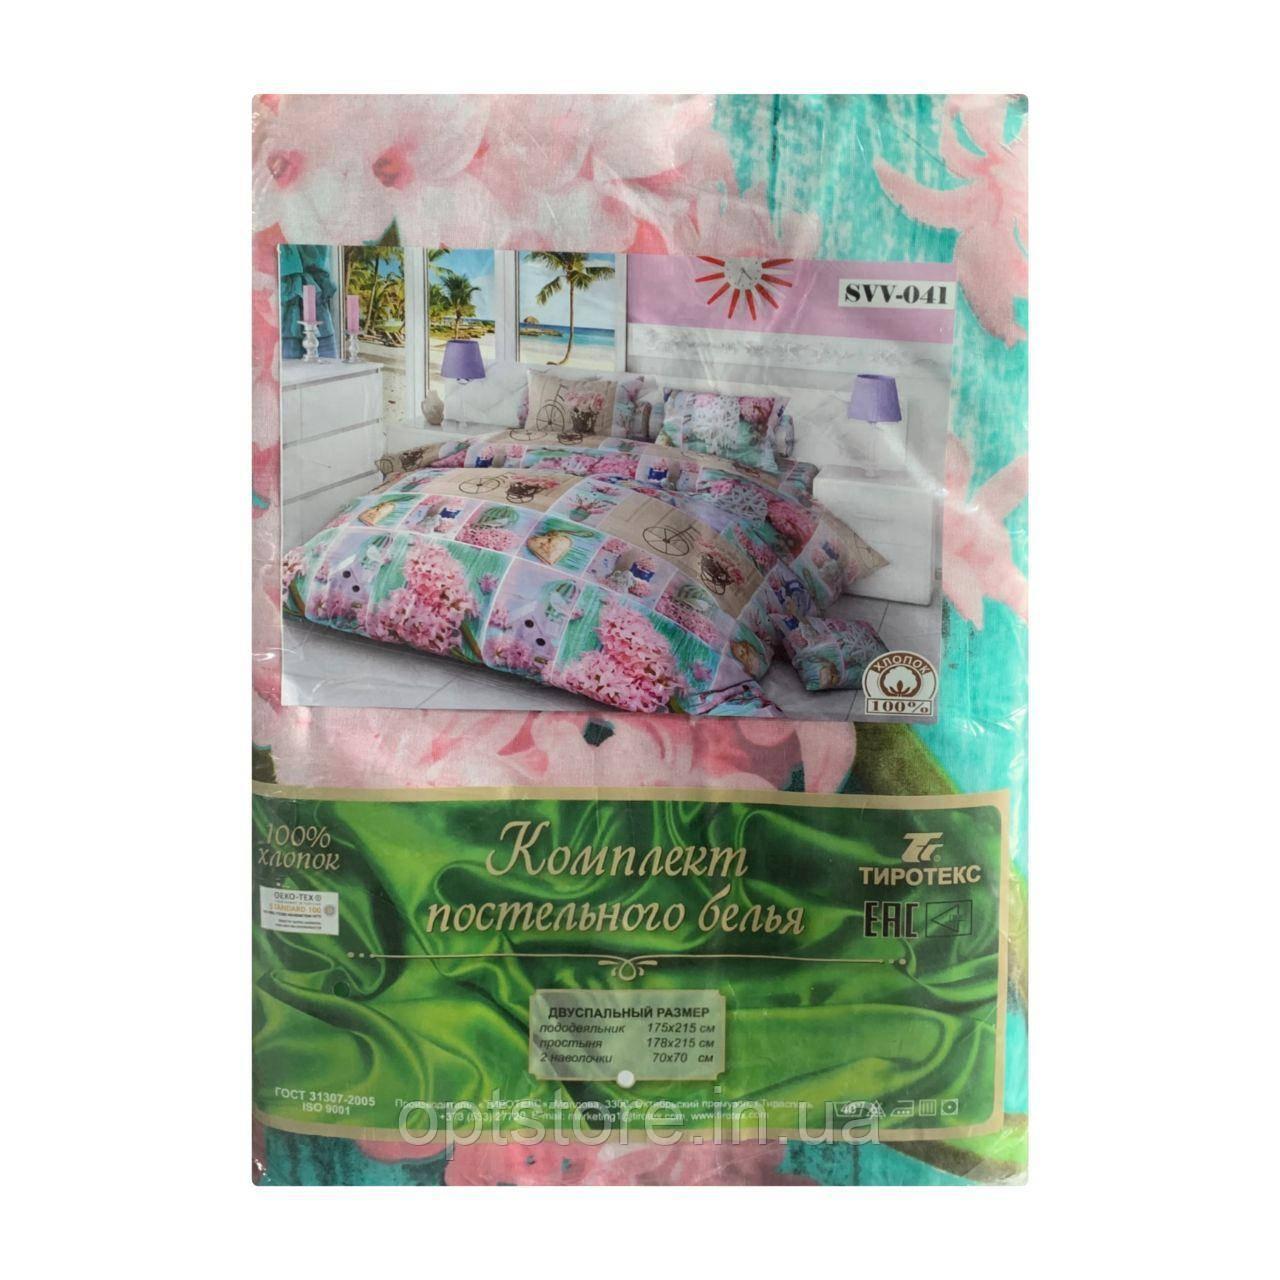 Комплект постельного белья двуспальный 178*215 см 100%хлопок Tiratex Тирасполь